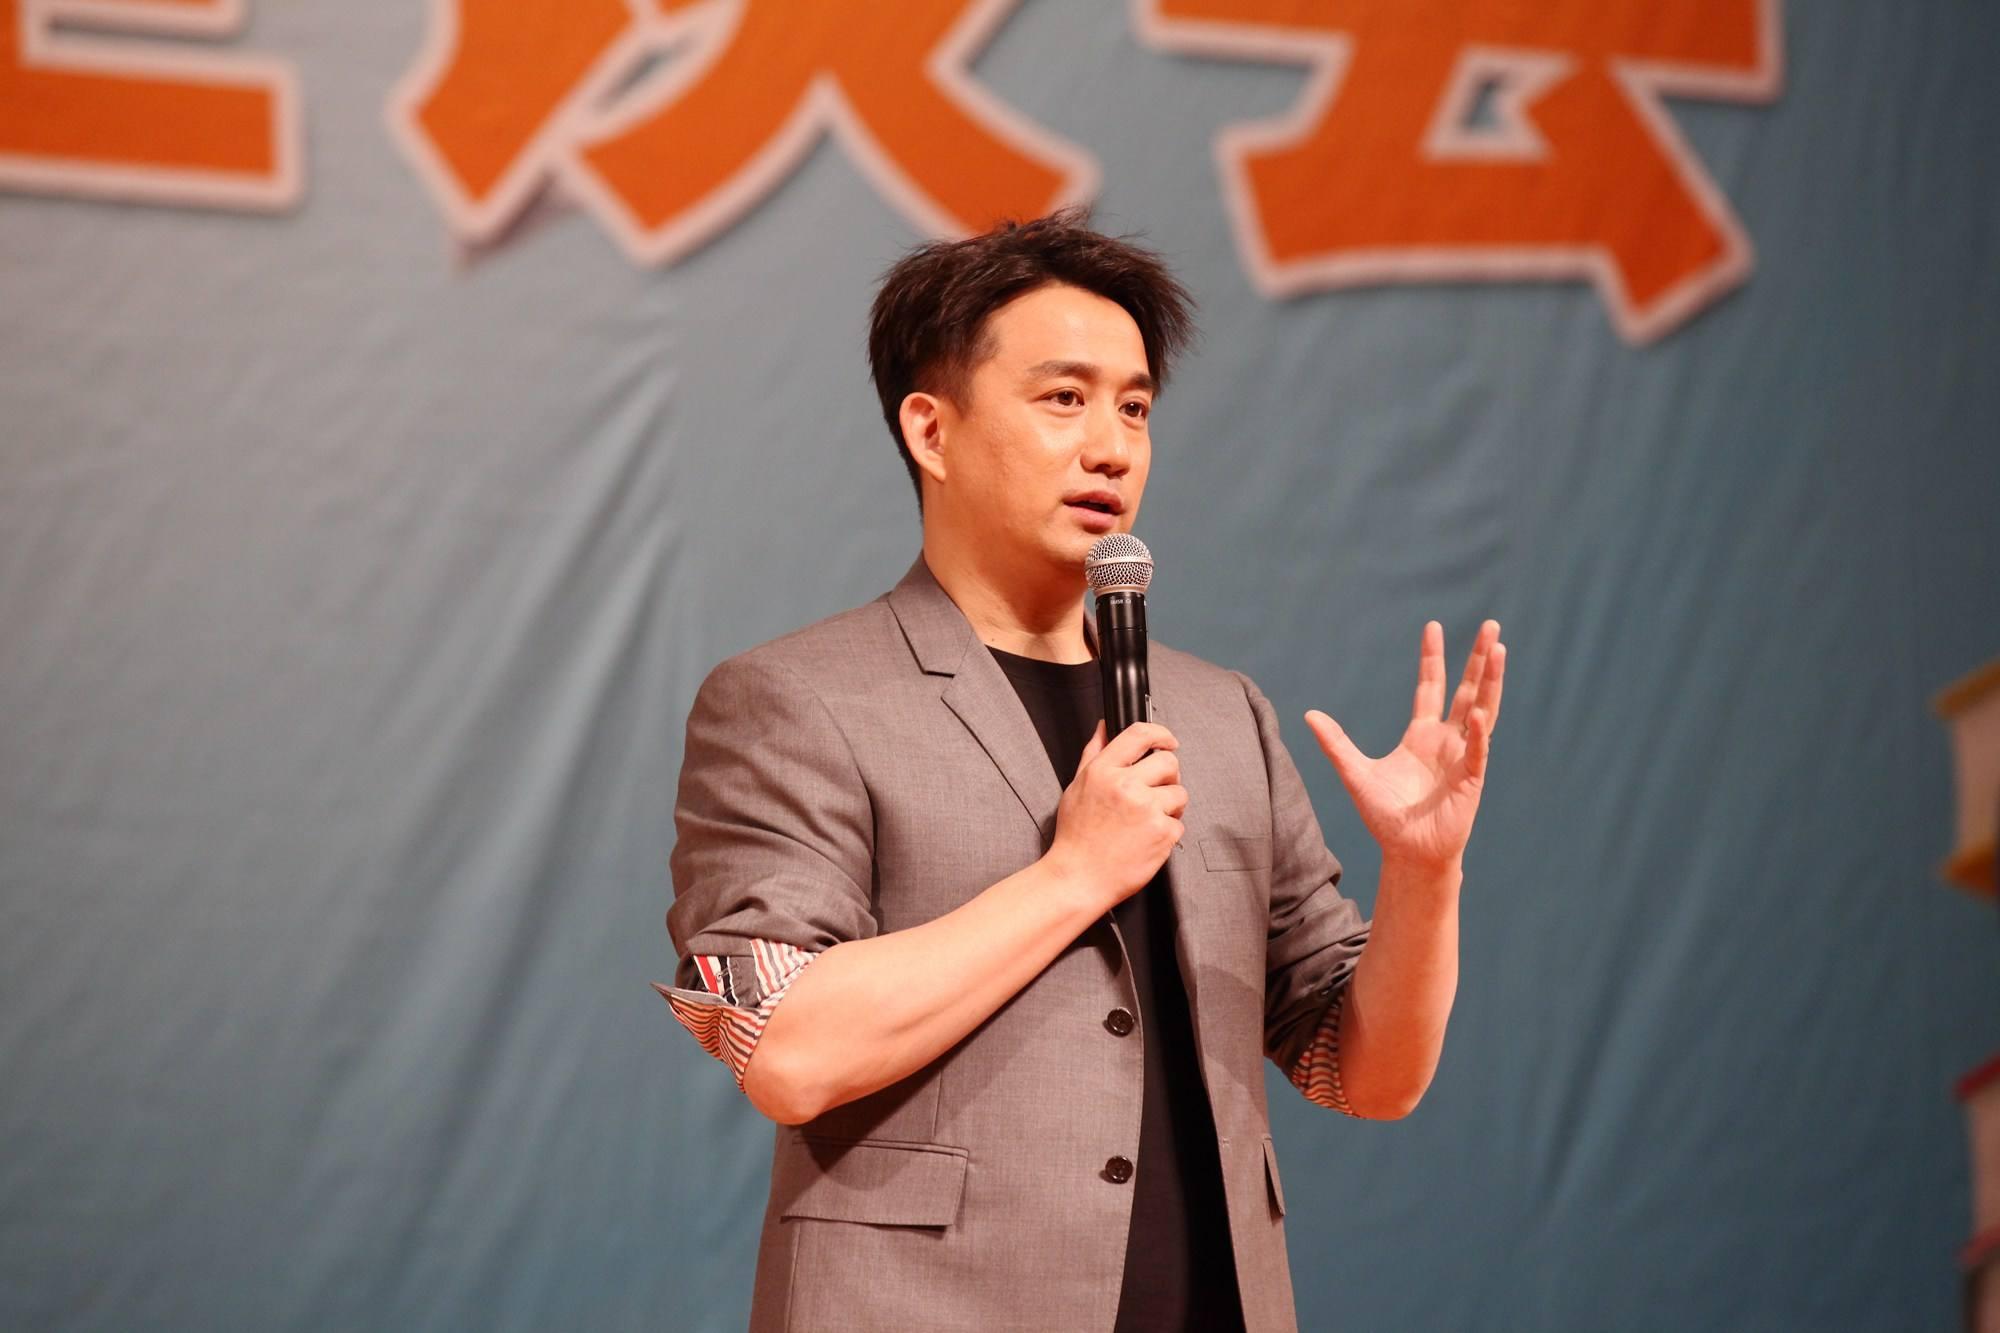 黄磊宣布从北京电影学院辞职,未来将选择自己办学